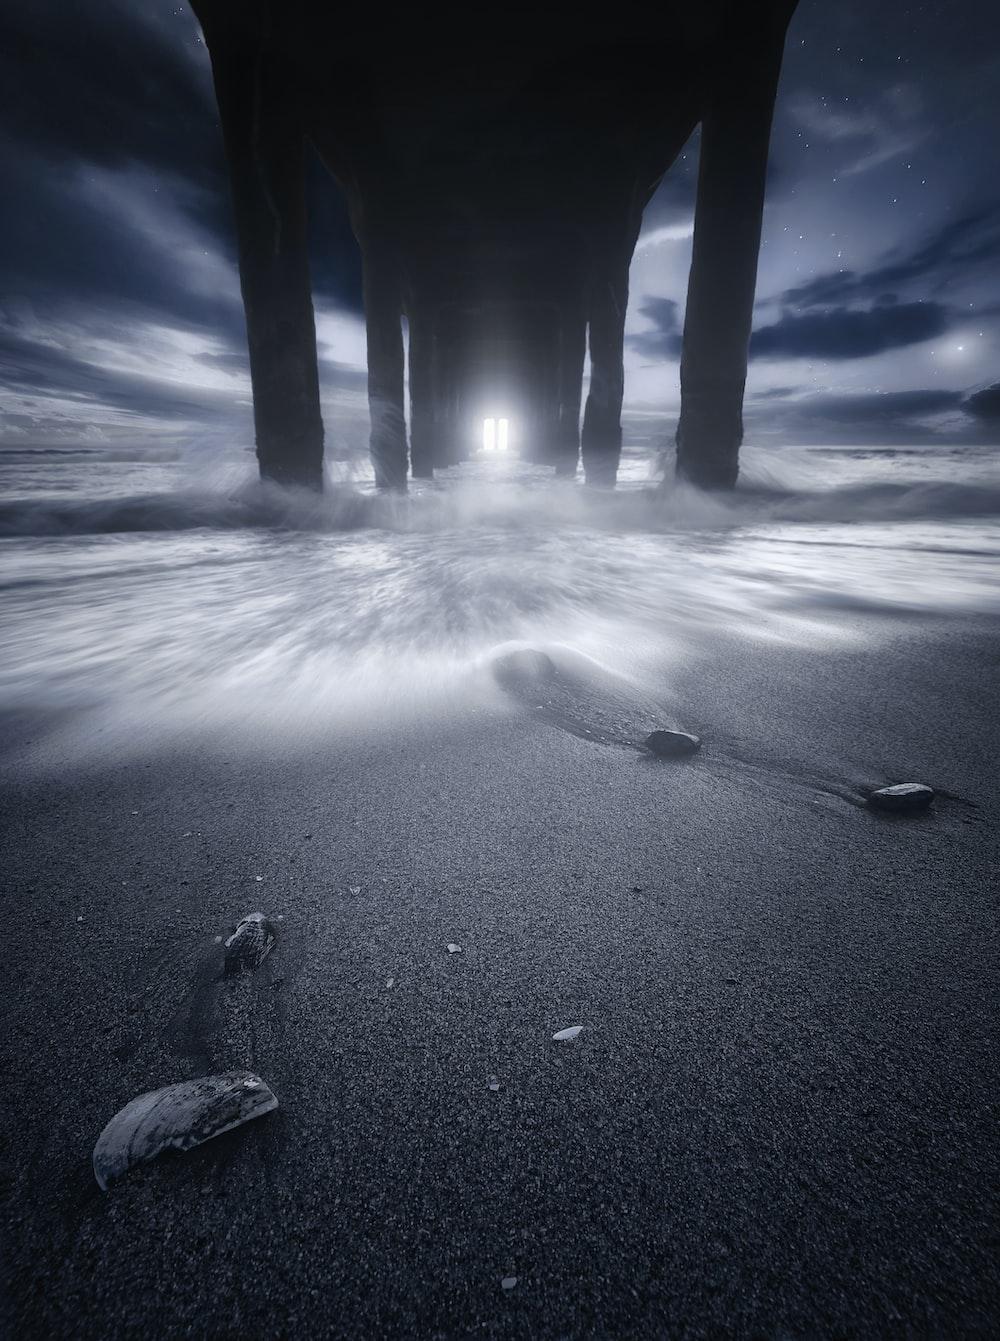 waving waters under grey wooden dock